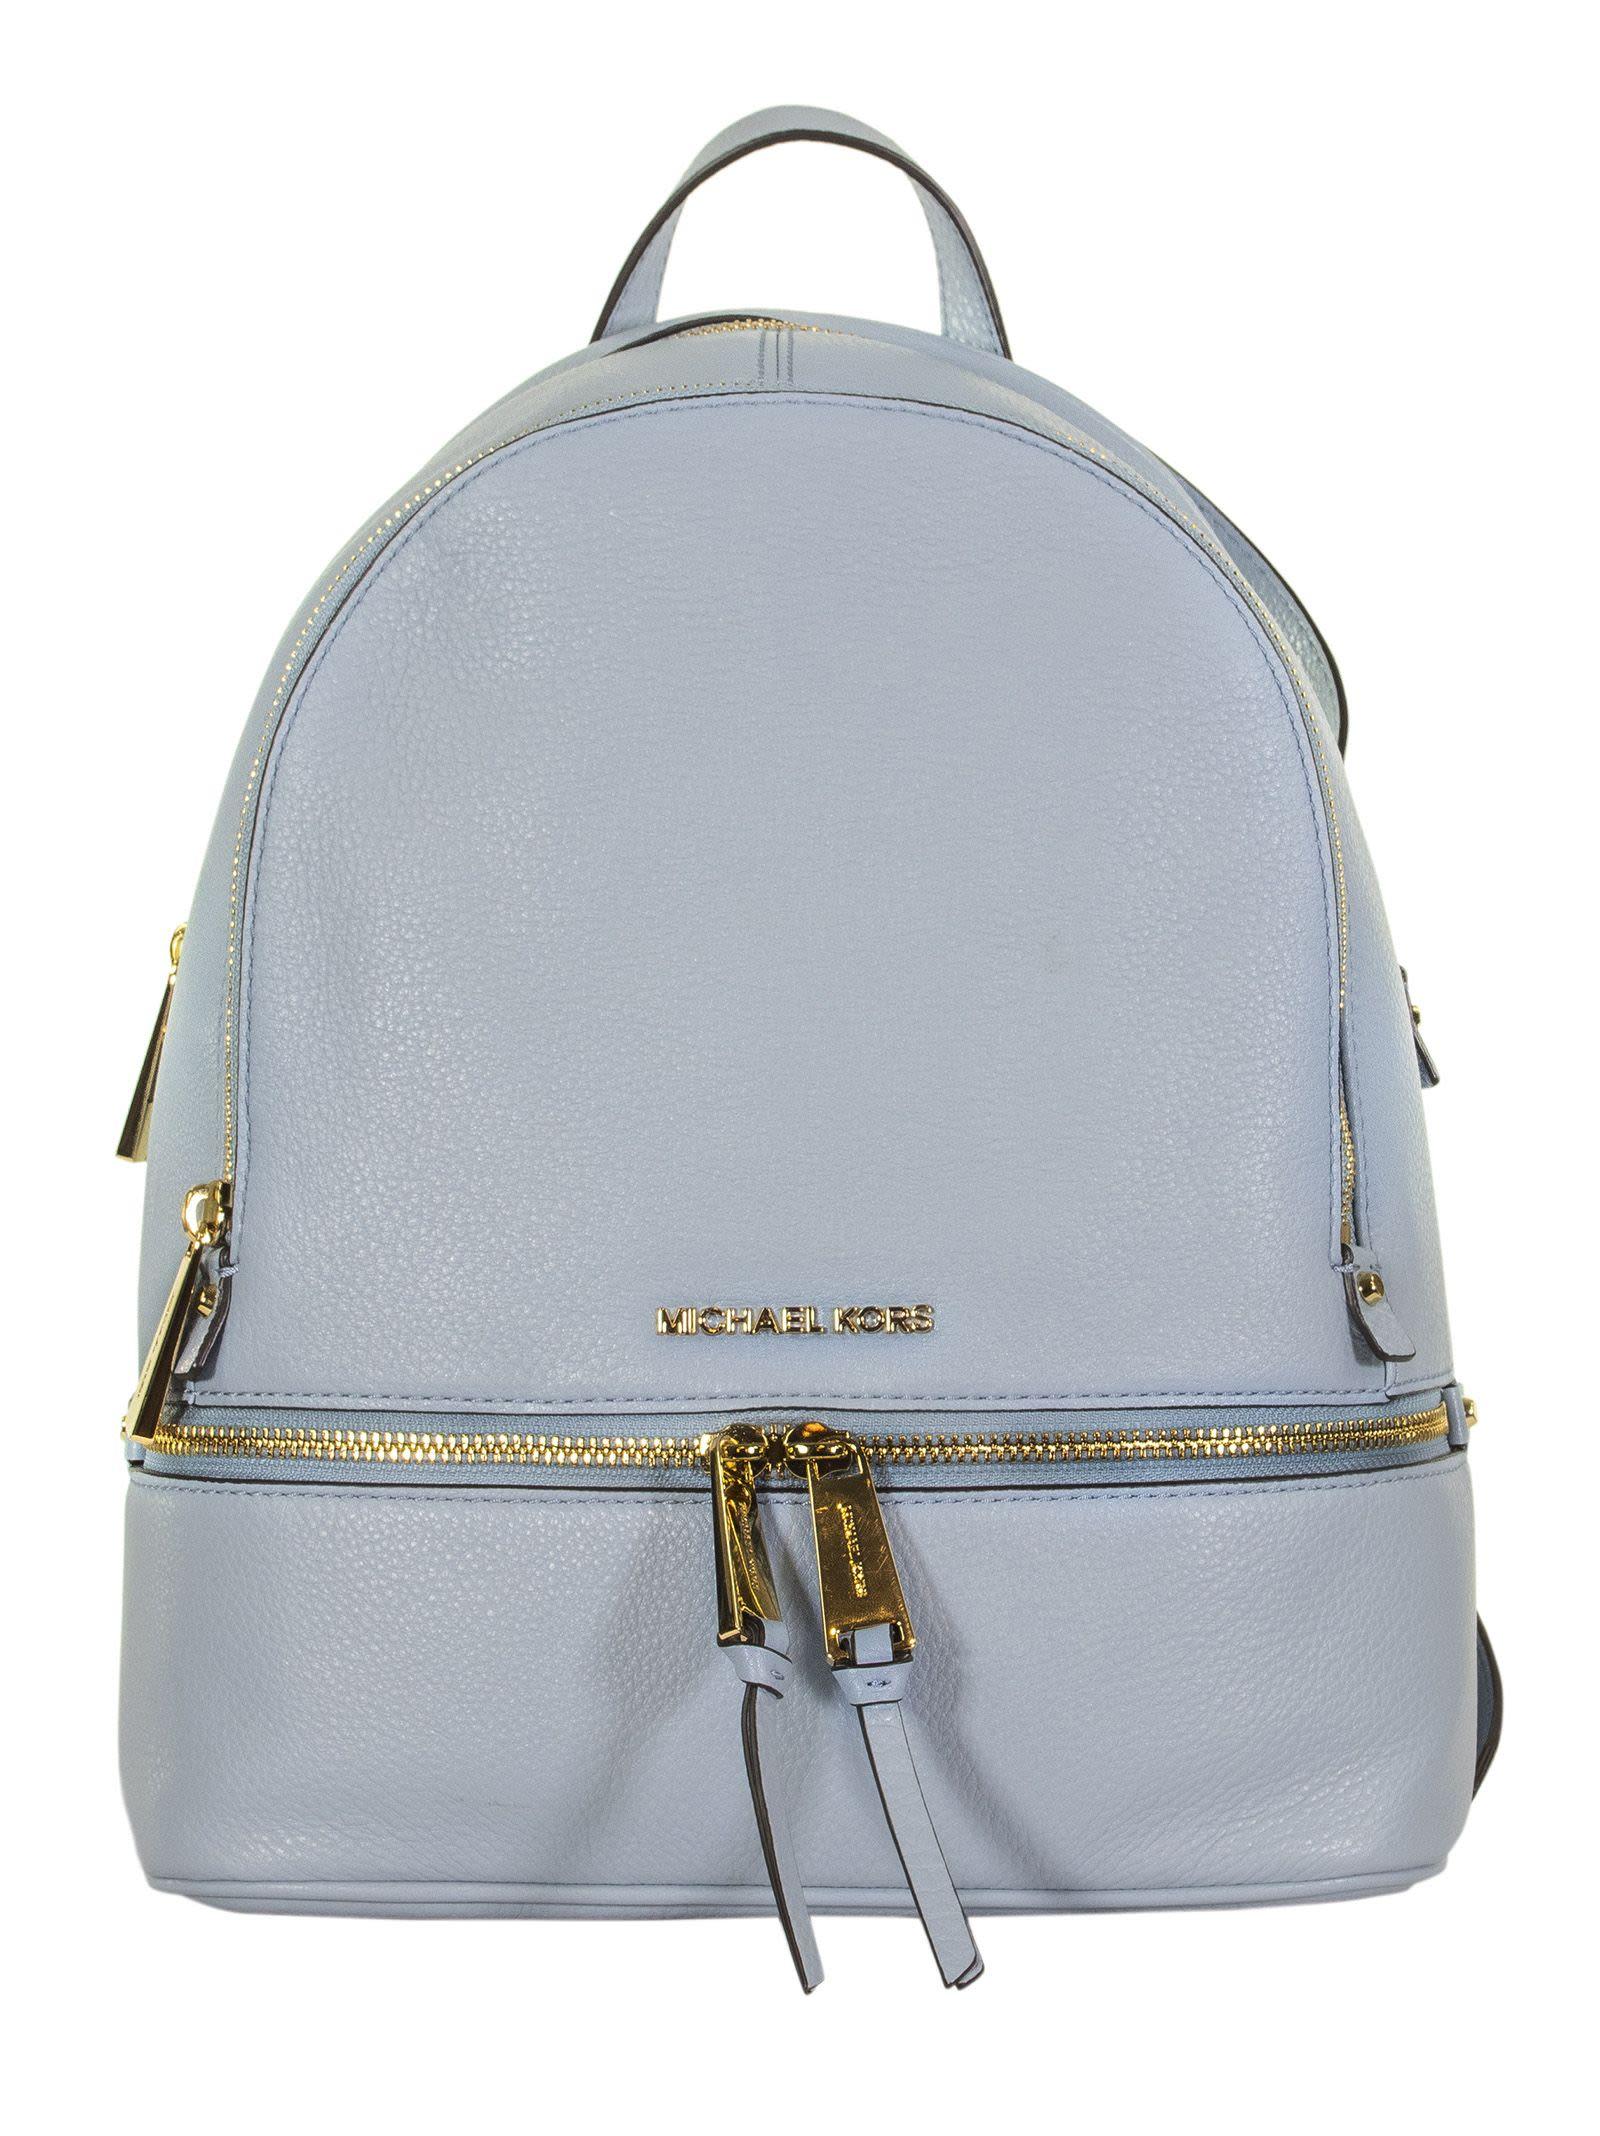 698c21491c93 Michael Kors Michael Kors Logo Plaque Backpack - PALE BLUE ...